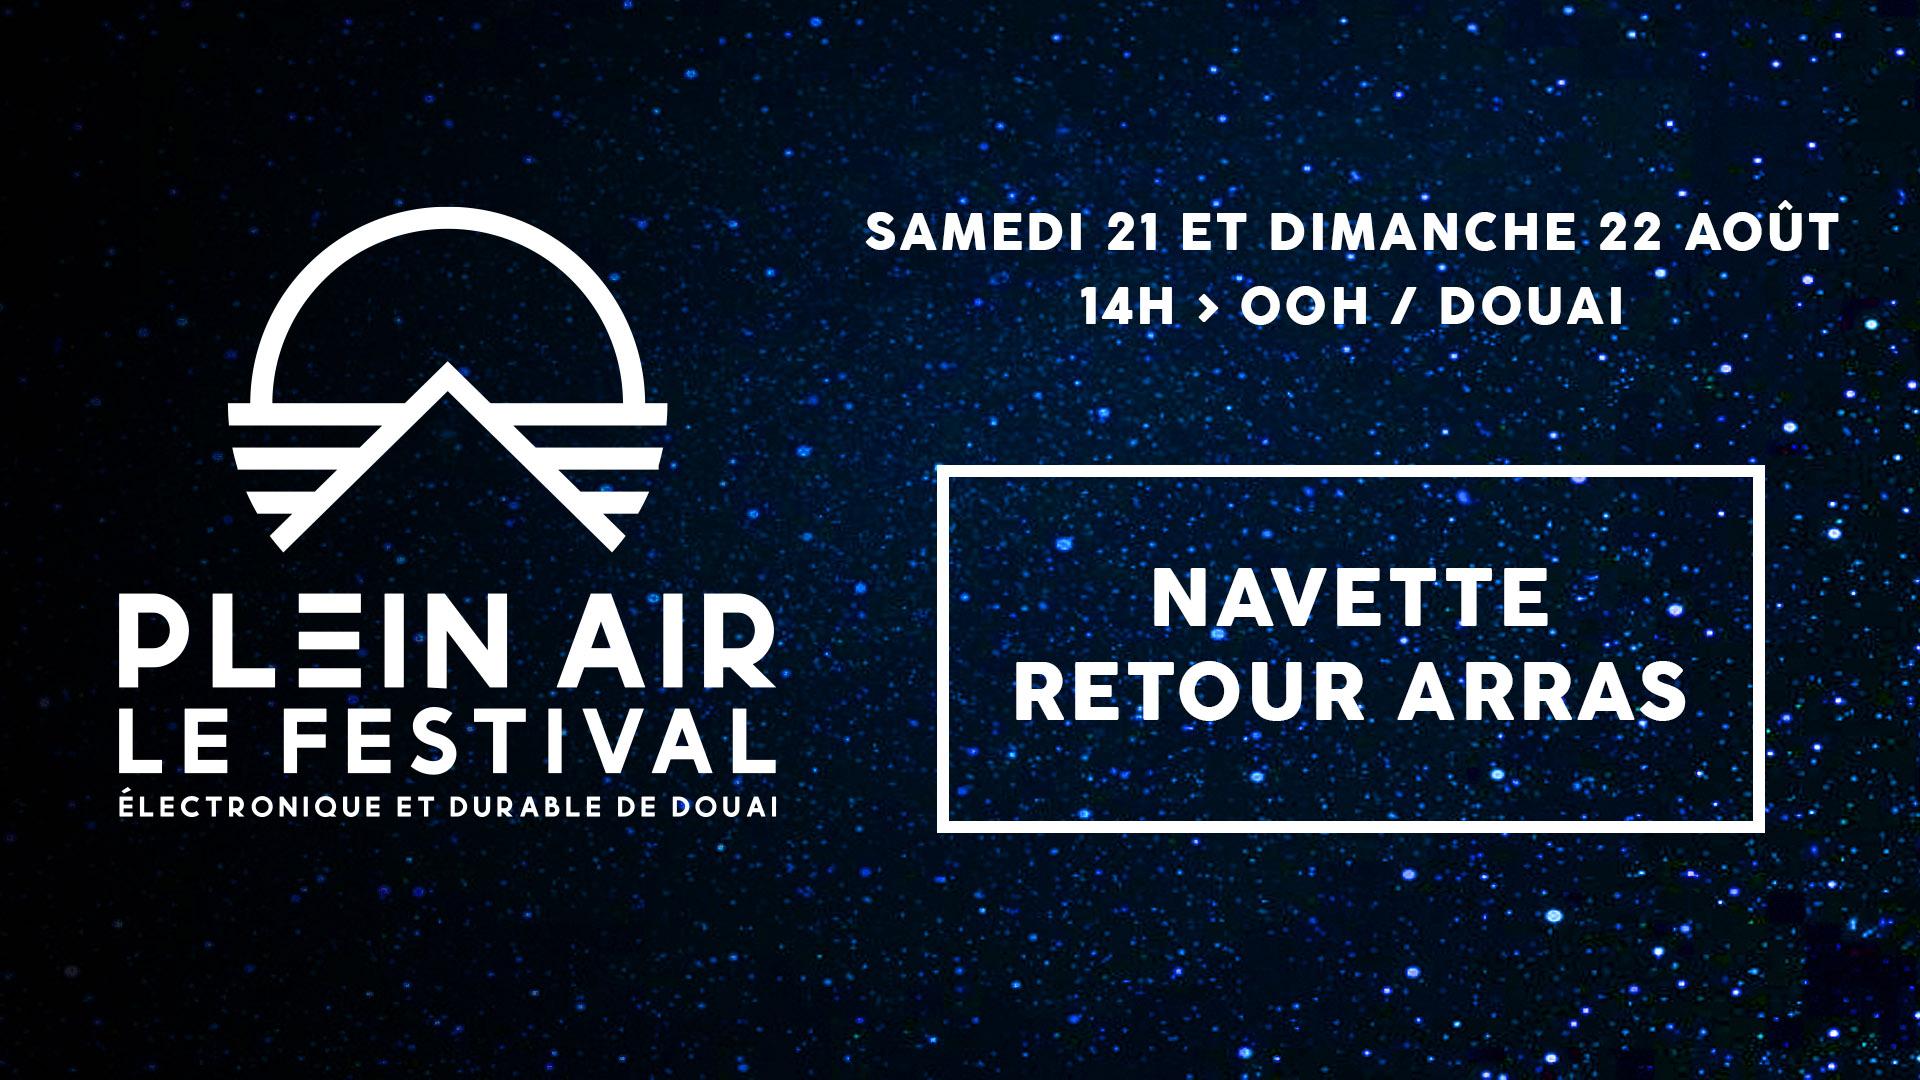 Navettes Douai - Arras